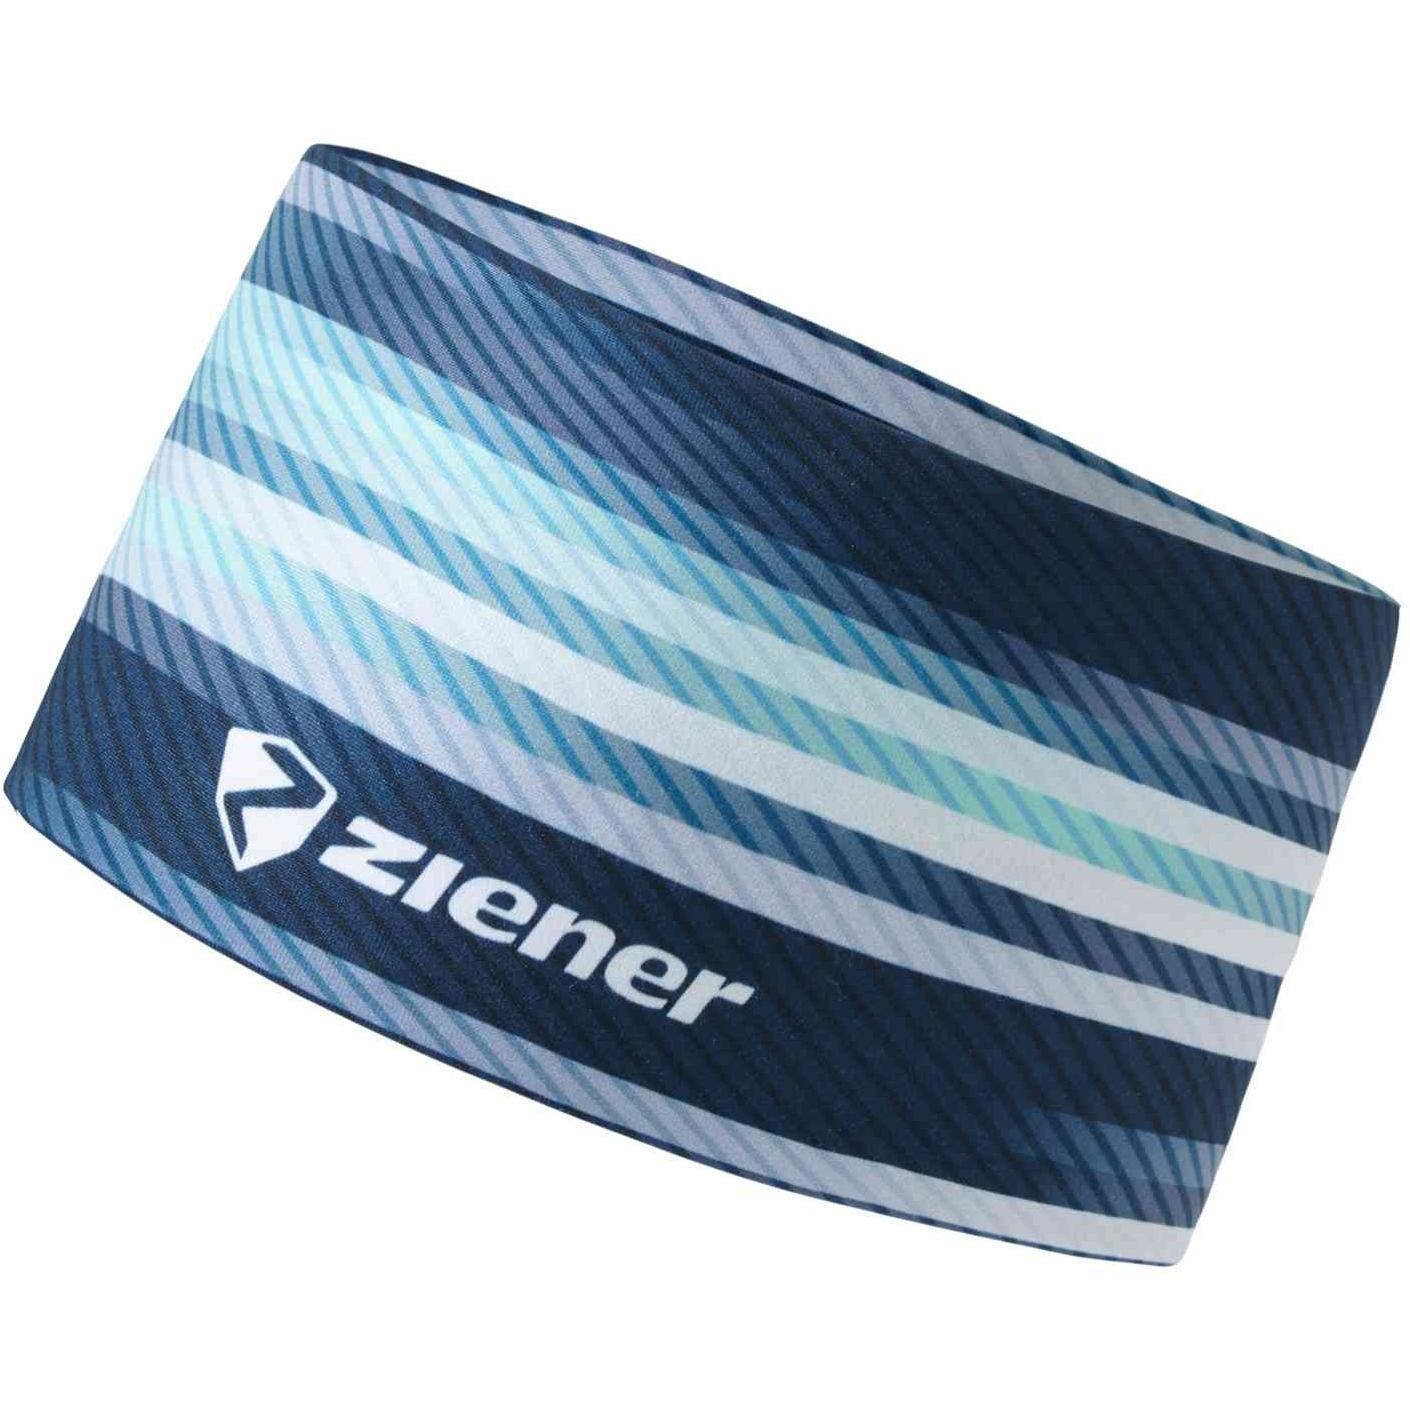 Image of Ziener Immre Headband - arcadian green stripe